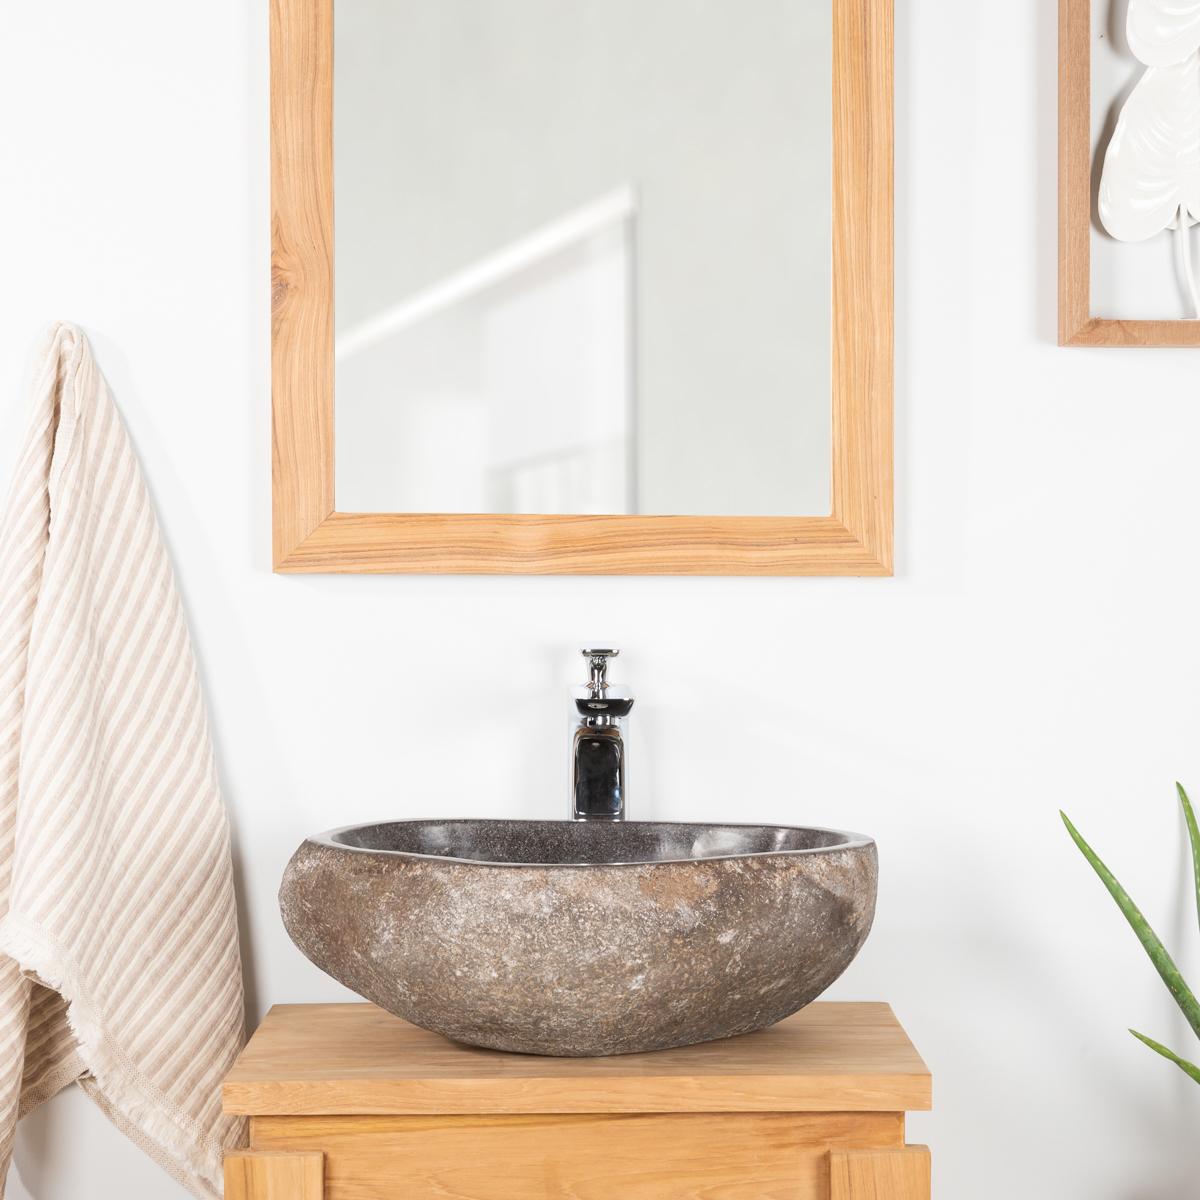 Lavabo sobre encimera de piedra de r o para ba o natural for Lavabo para bano precio